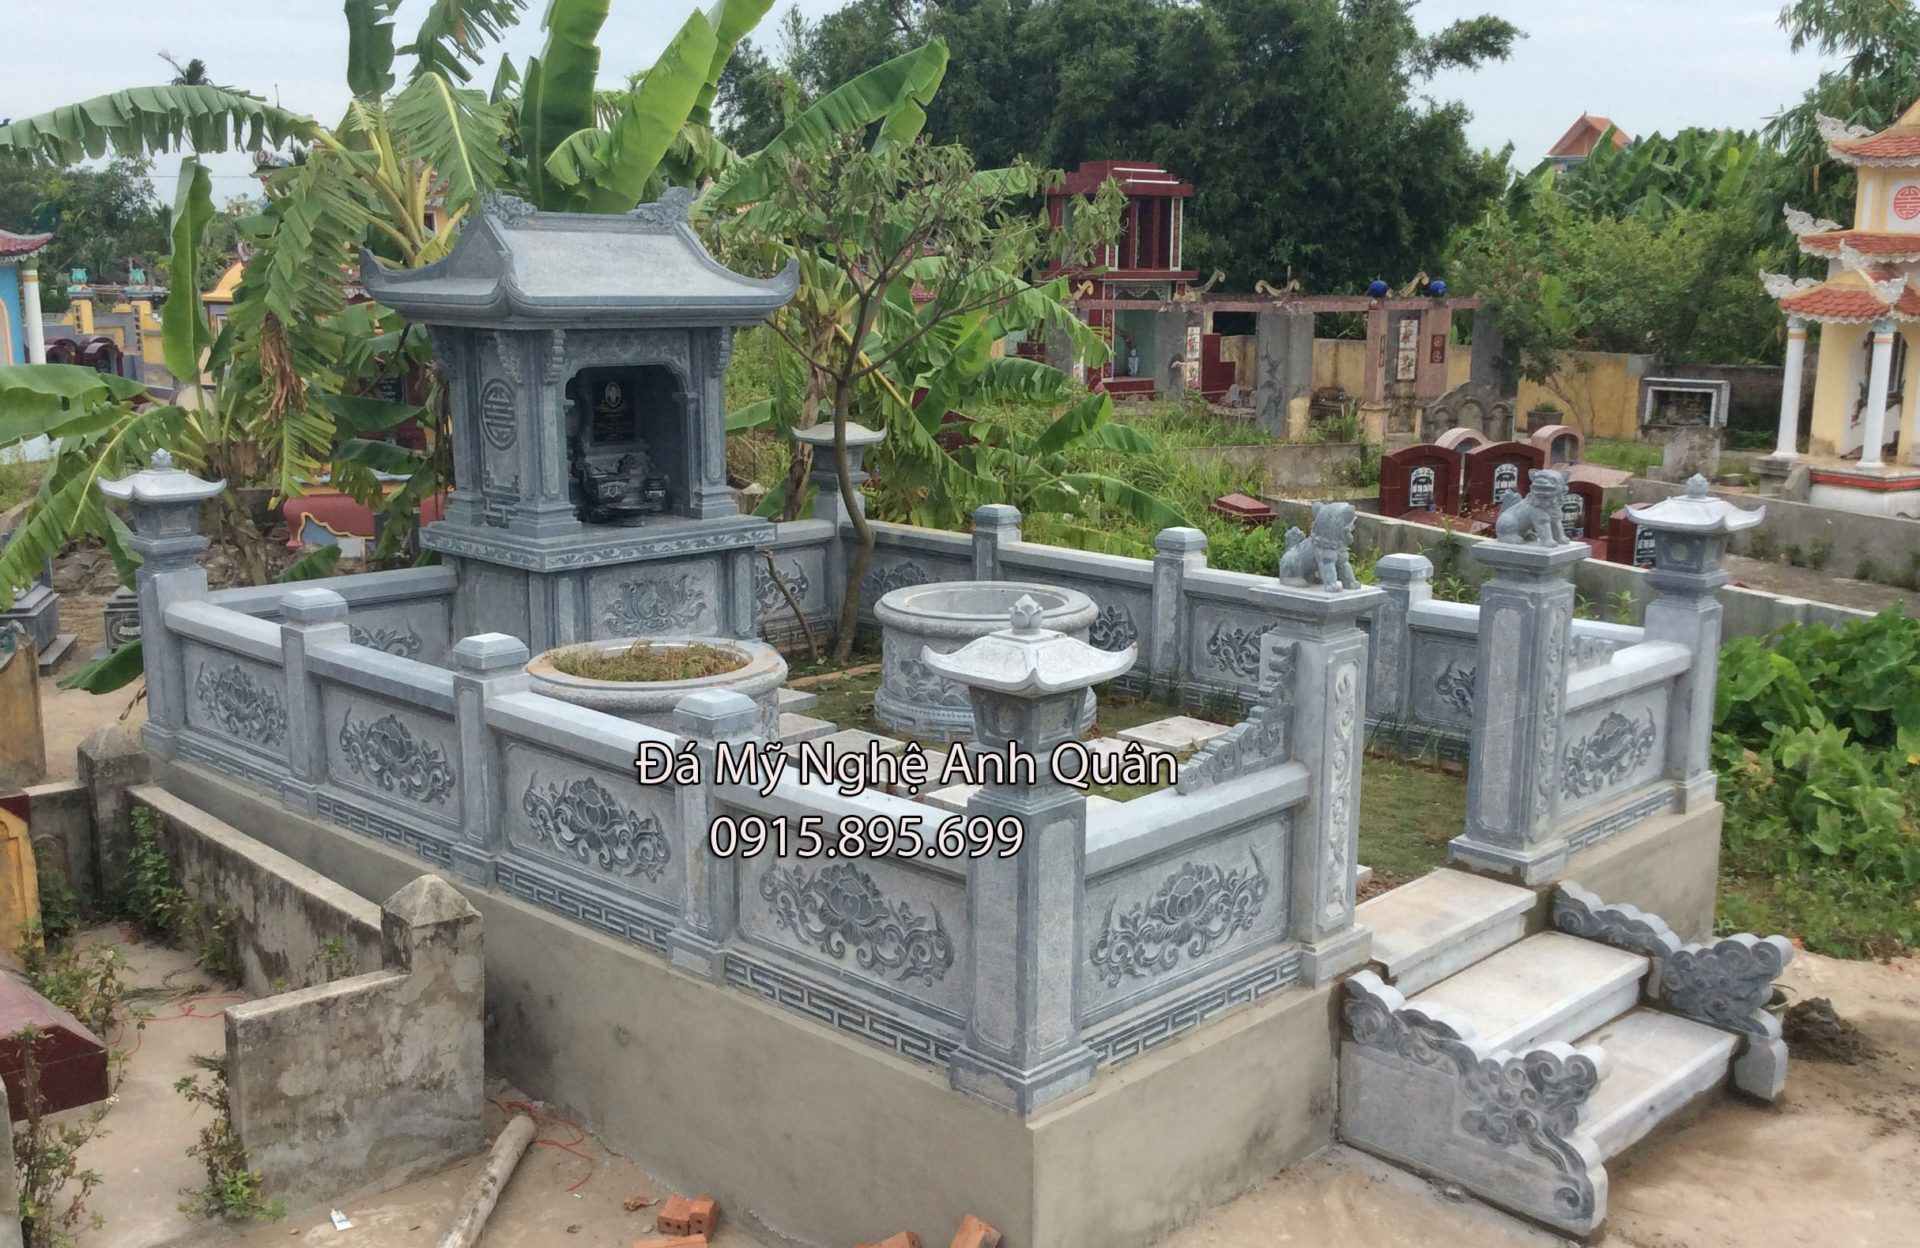 Lang mo da - Khu lang mo da dep hoan hao cua Da my nghe Anh Quan Ninh Binh